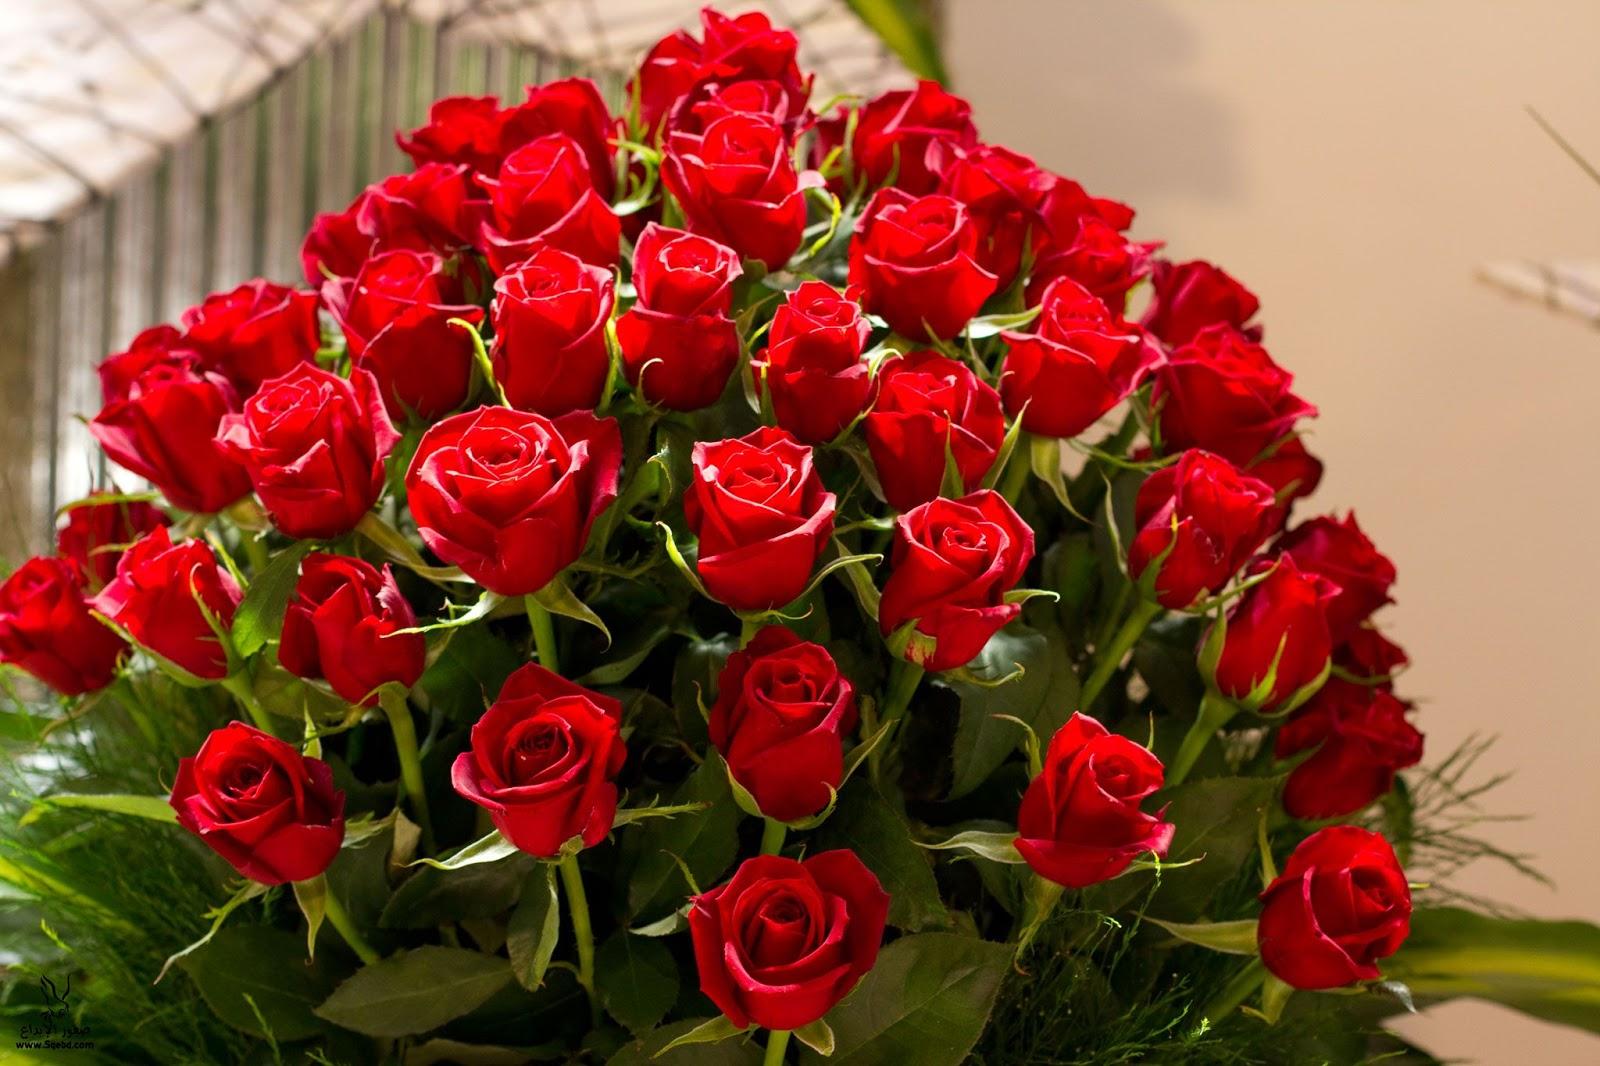 بالصور ورود رومانسية , اجمل باقة ورد رومانسية 5468 5